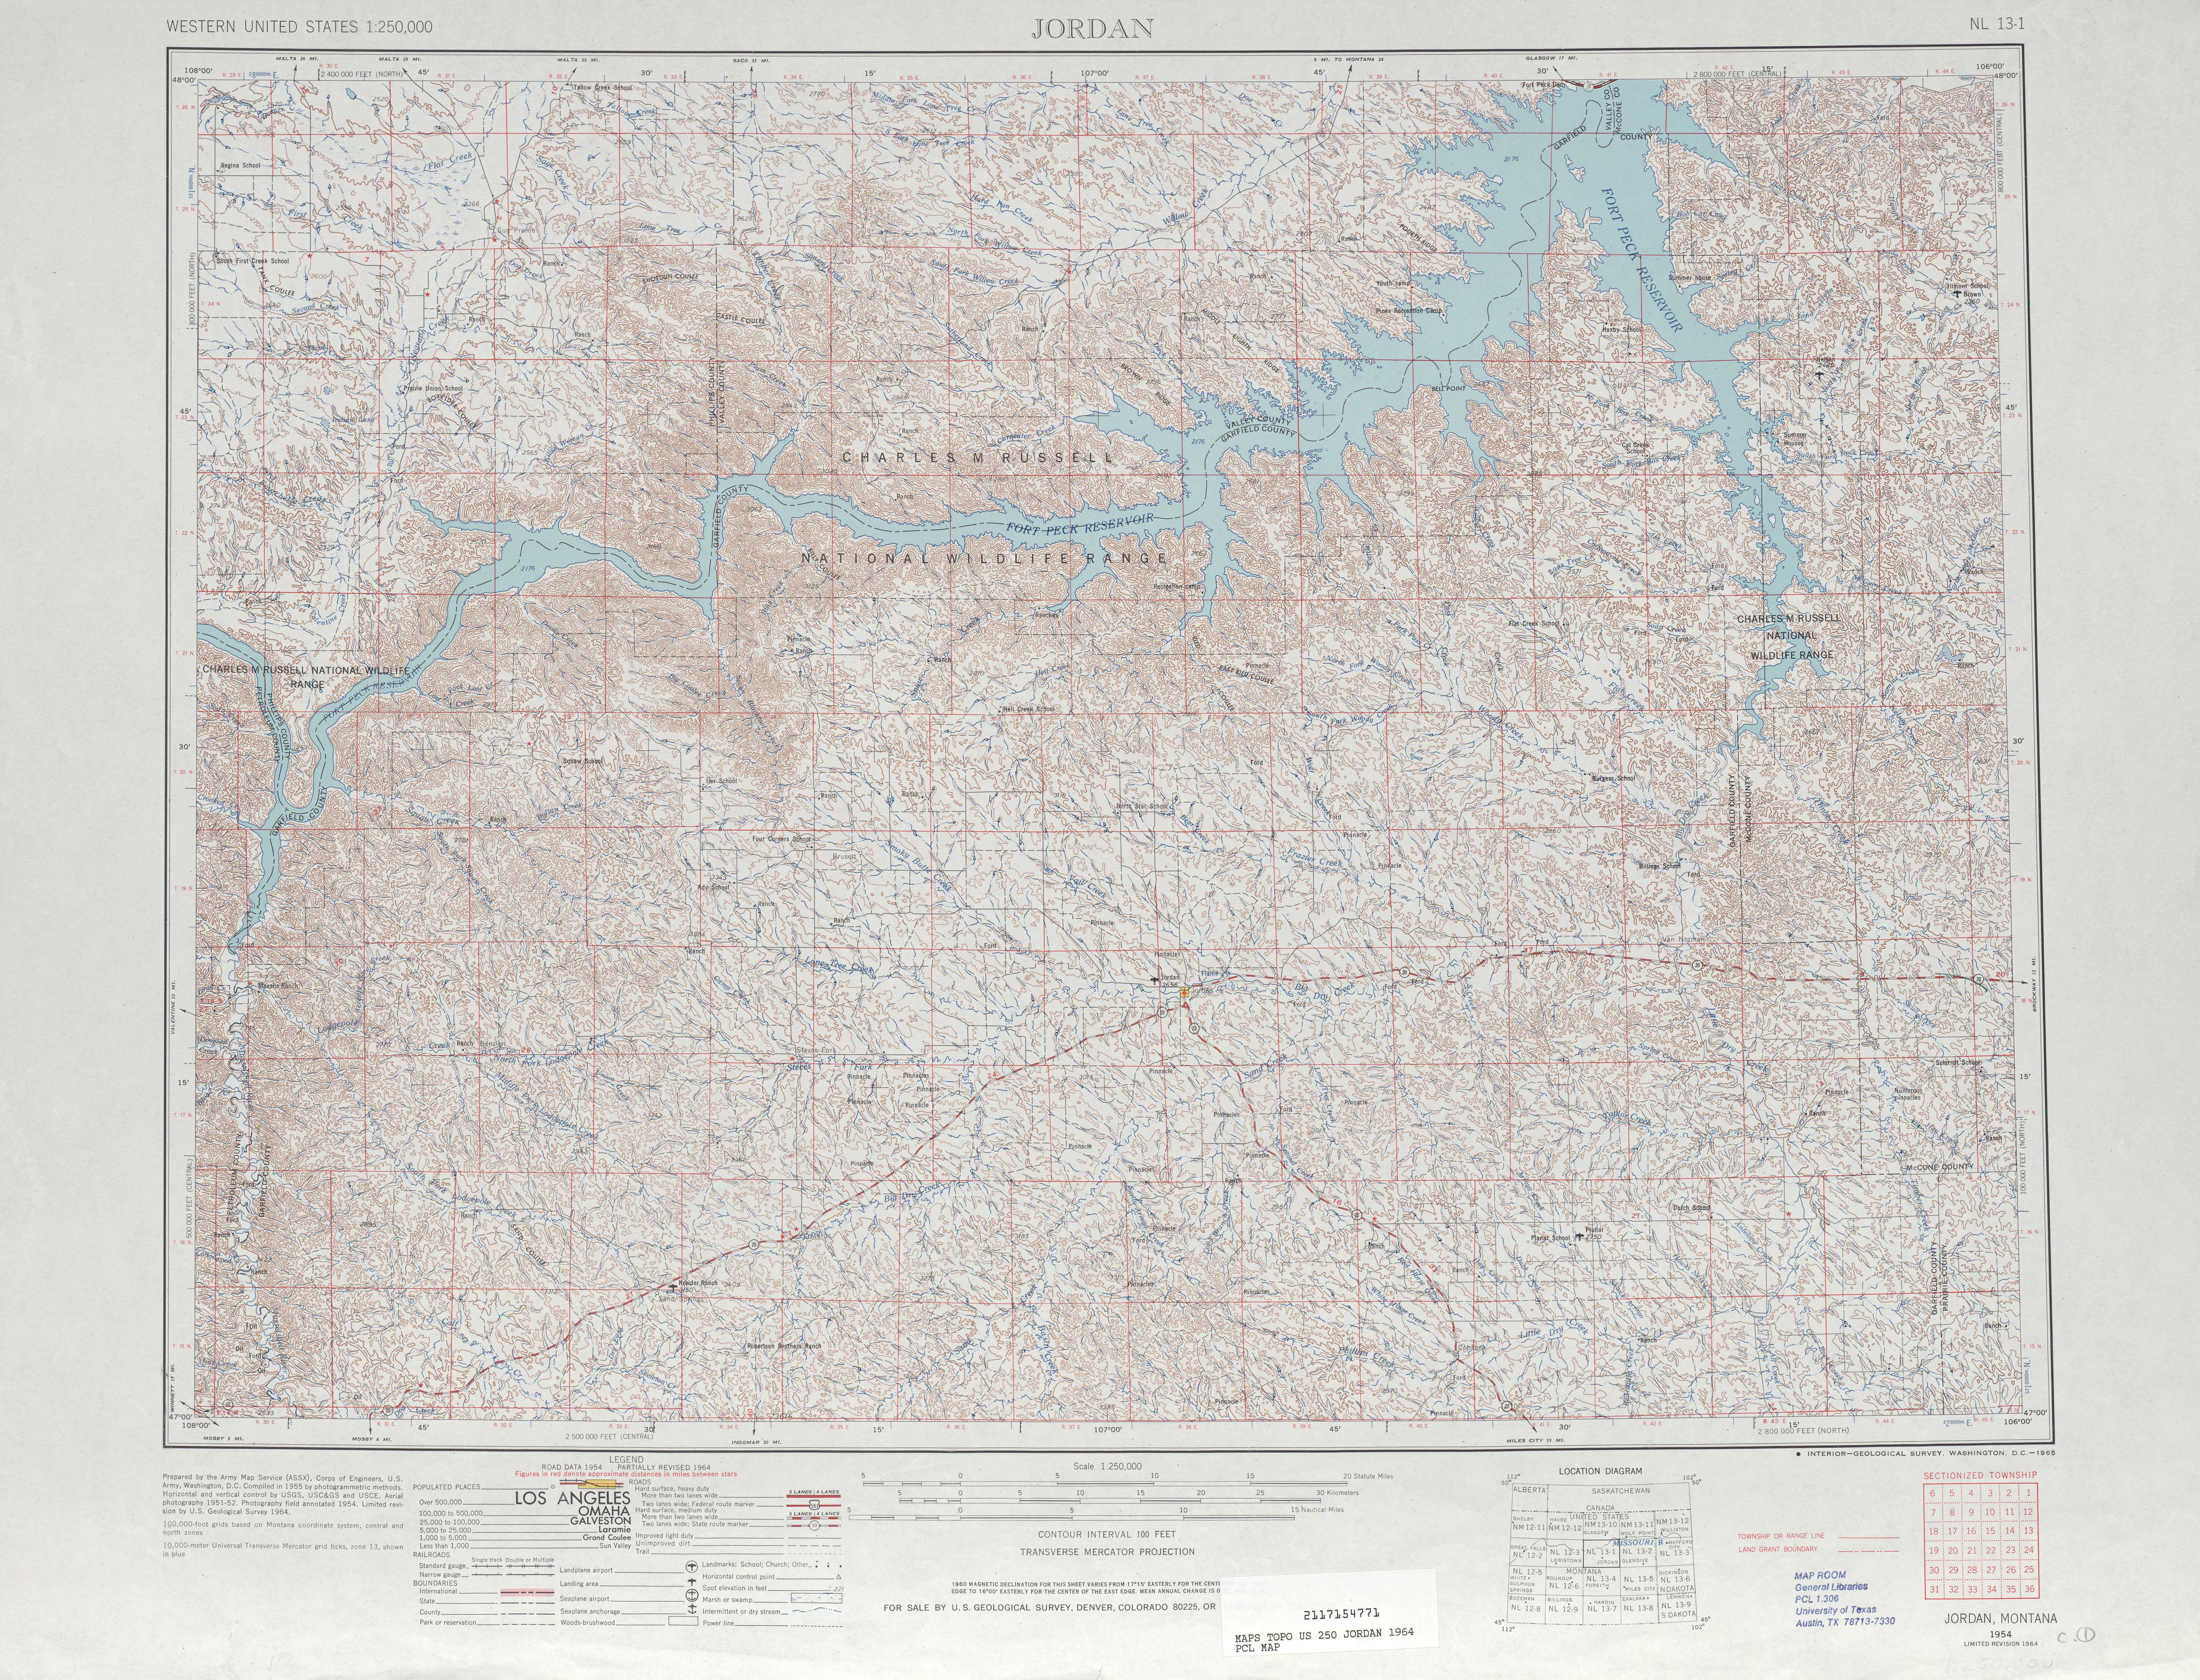 Hoja Jordania del Mapa Topográfico de los Estados Unidos 1964